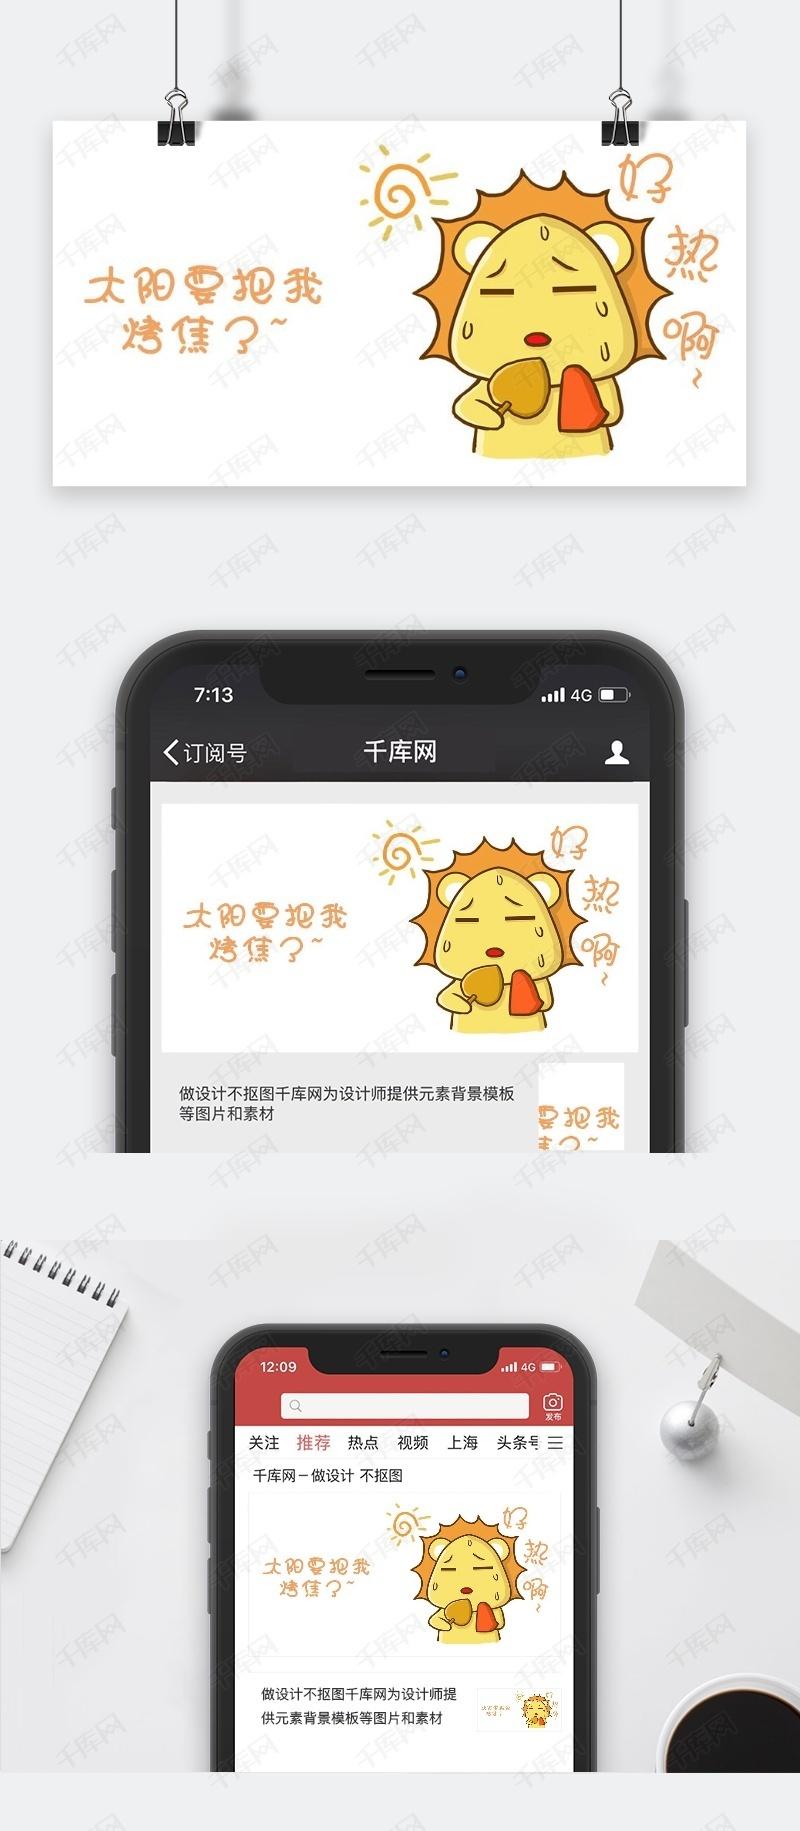 小阴阳好热狮子电话配图模板下载表情包卡通表情师宝宝图片